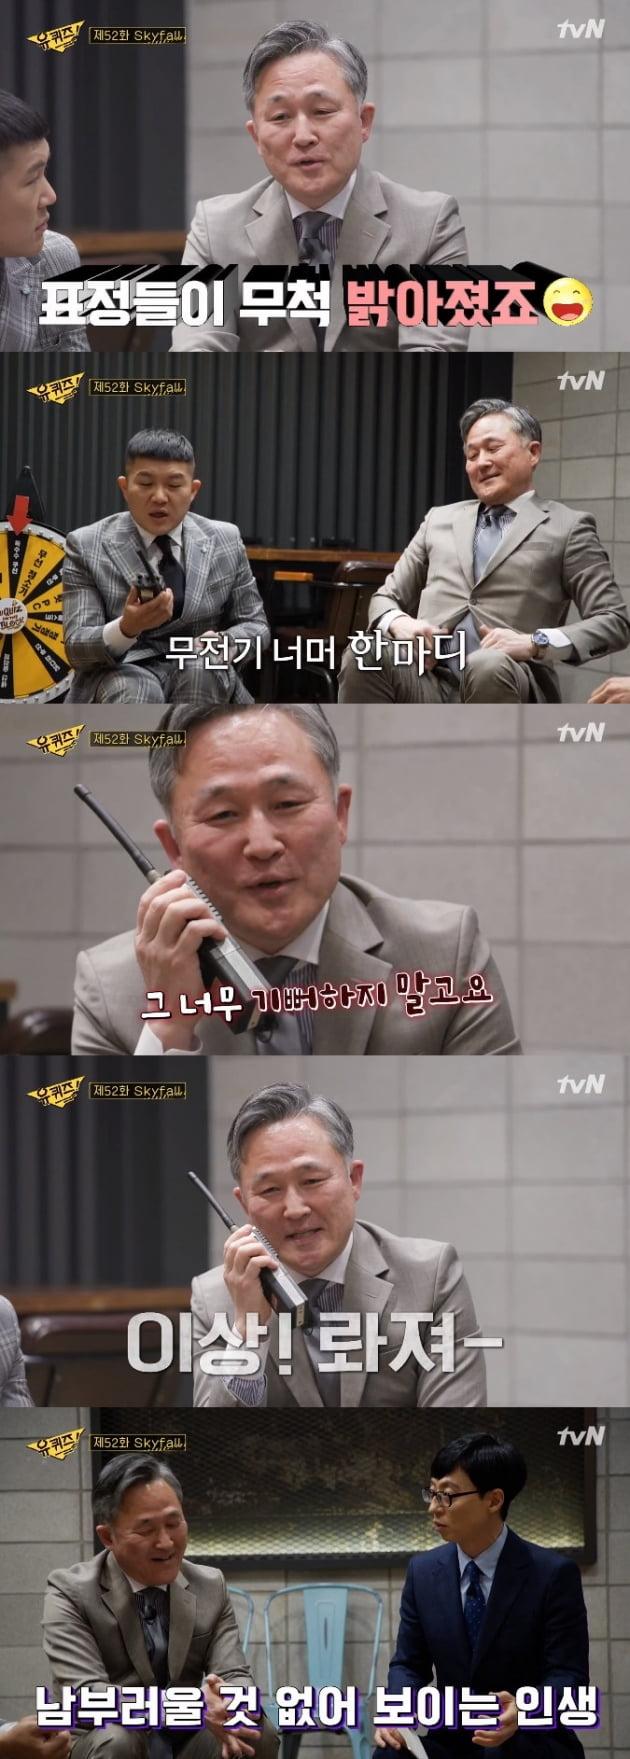 '유 퀴즈 온 더 블럭' 표창원 / 사진 = tvN 영상 캡처